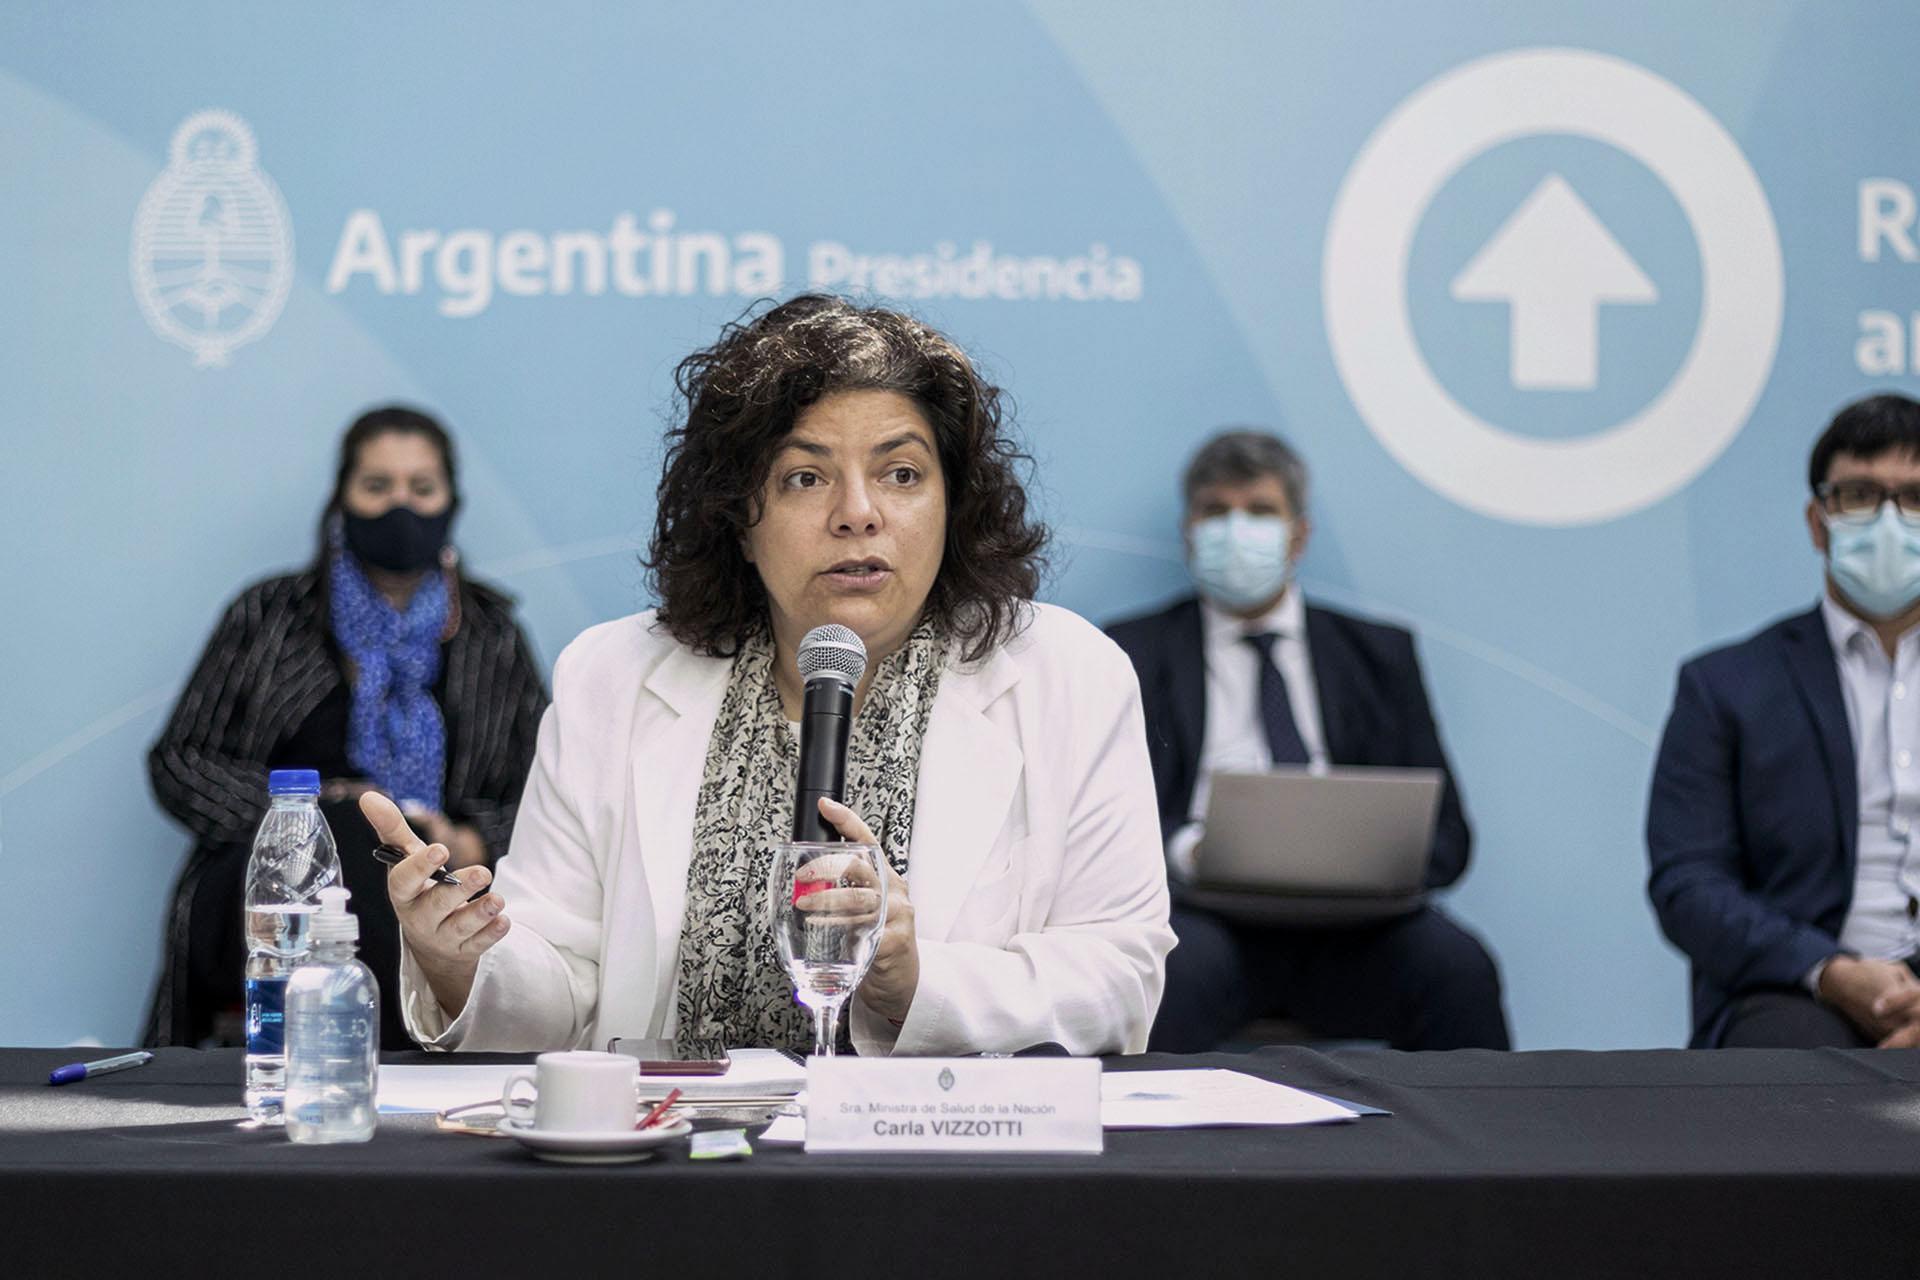 """Carla Vizzotti: """"Diferir la segunda dosis de la vacuna busca disminuir la mortalidad antes de segunda ola"""""""